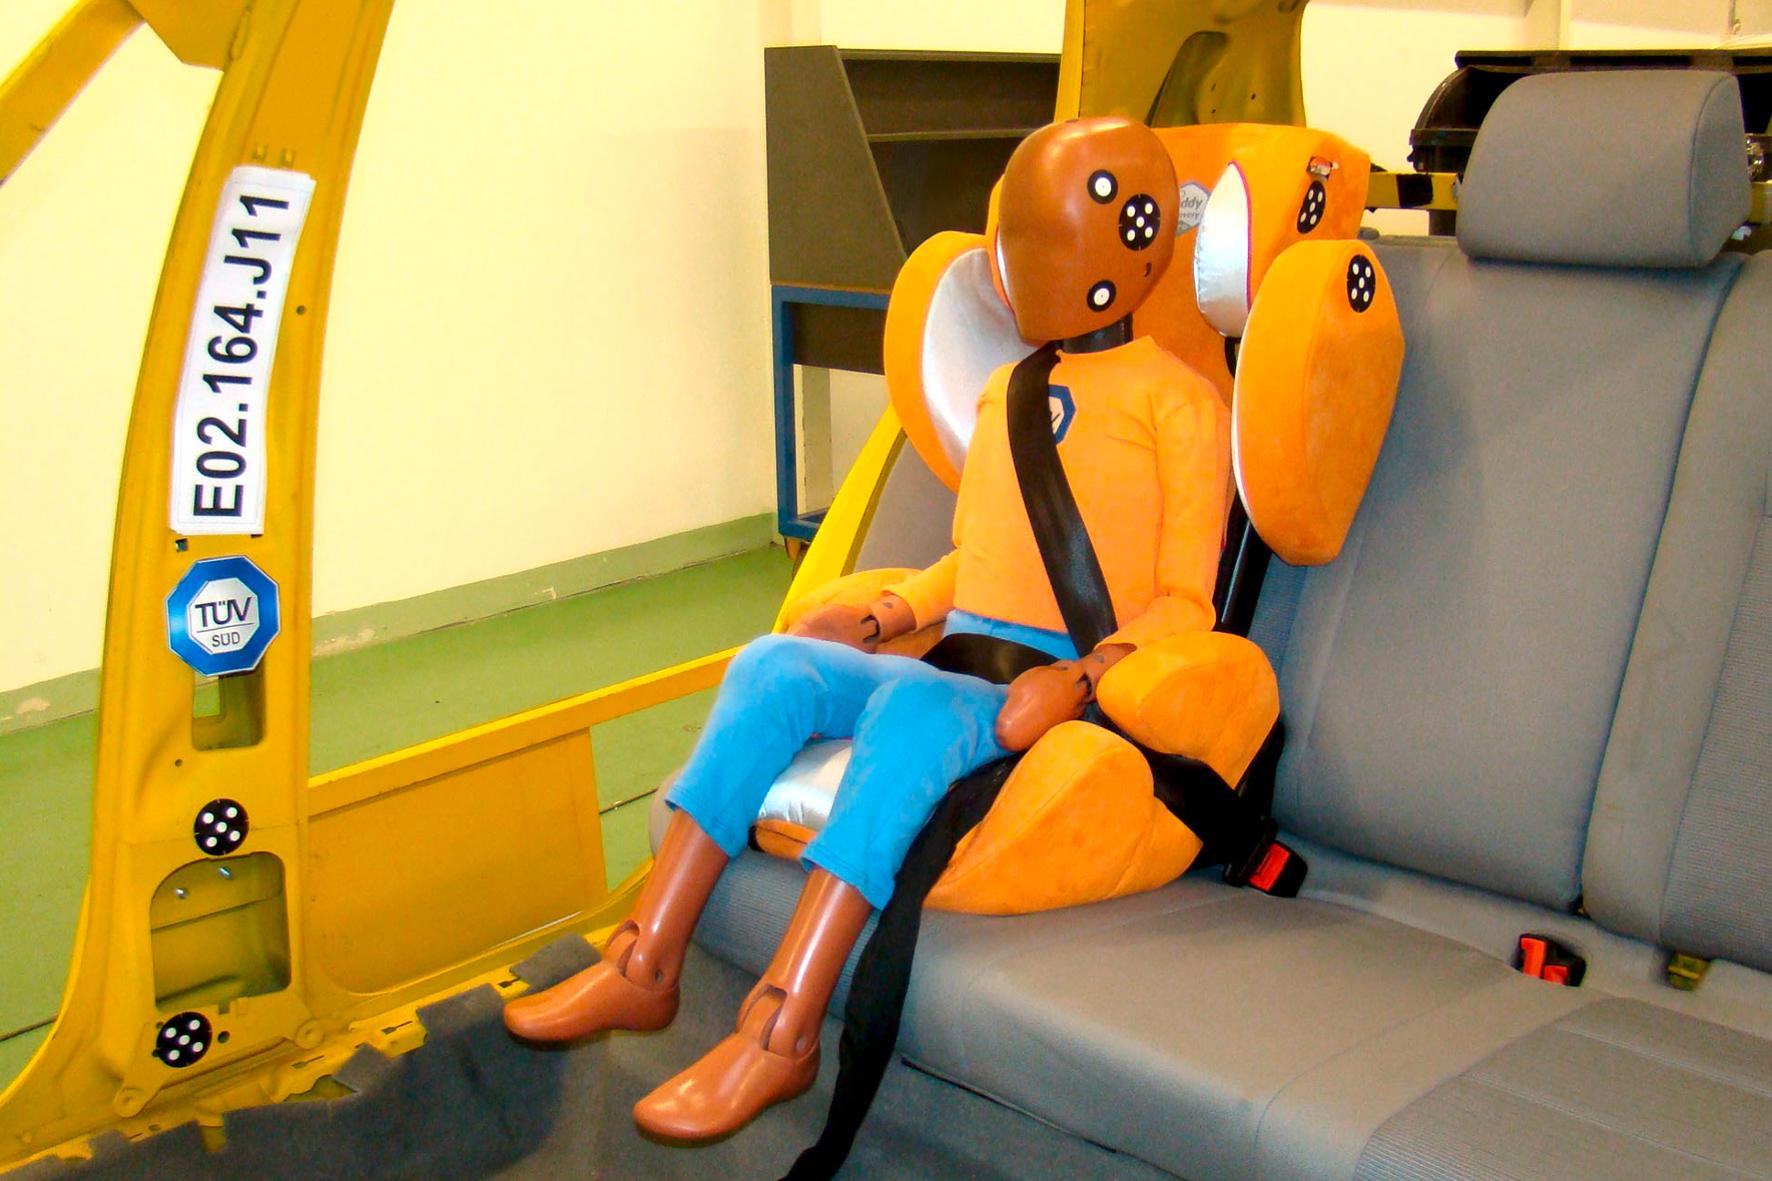 mid Groß-Gerau - Sitzpolster mit integriertem Rückenteil bieten größeren Kindern mehr Sicherheit. TÜV Süd